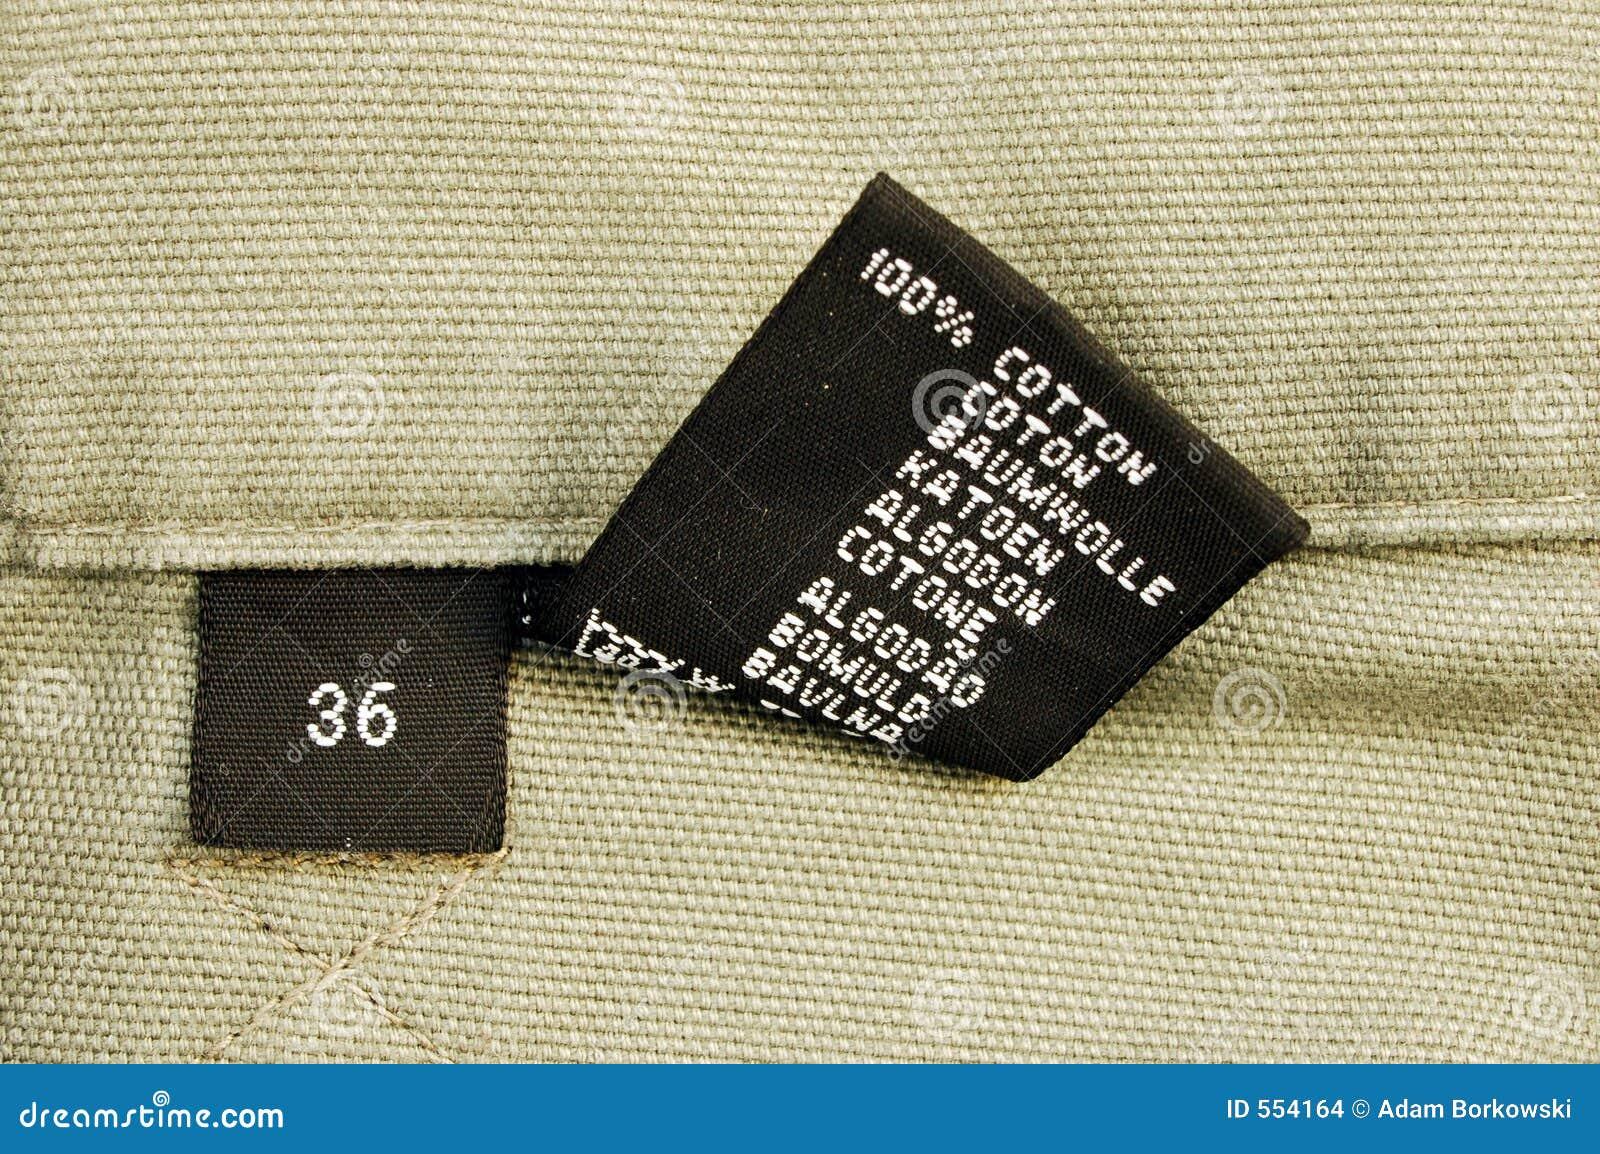 Makro von Kleidung - Größe 6